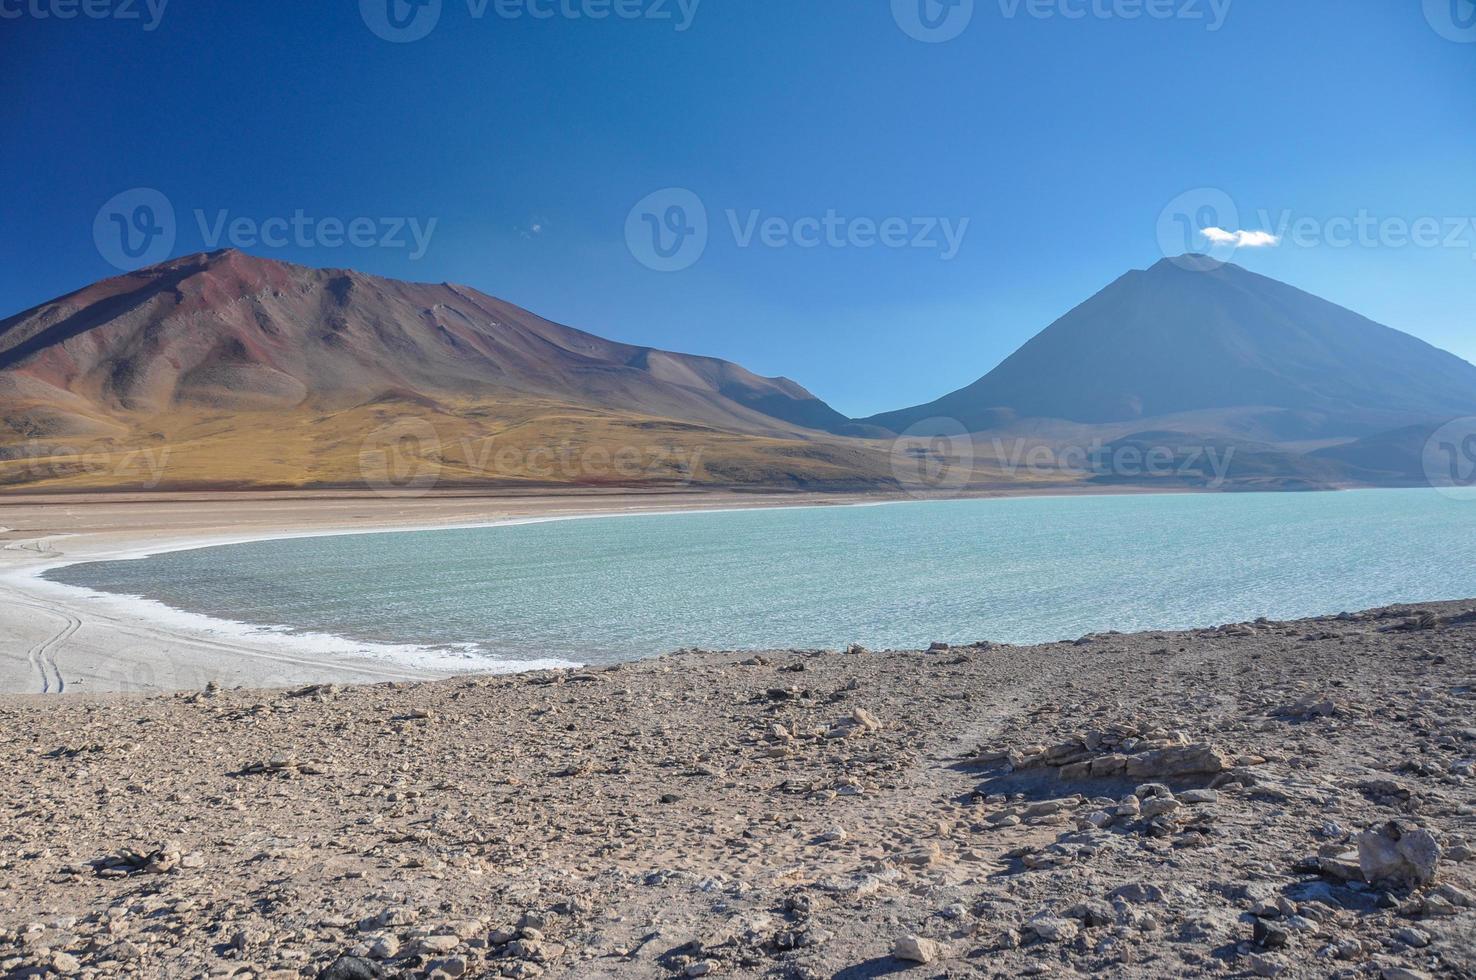 volcan licancabur con hermosos paisajes de sur lipez, sur b foto